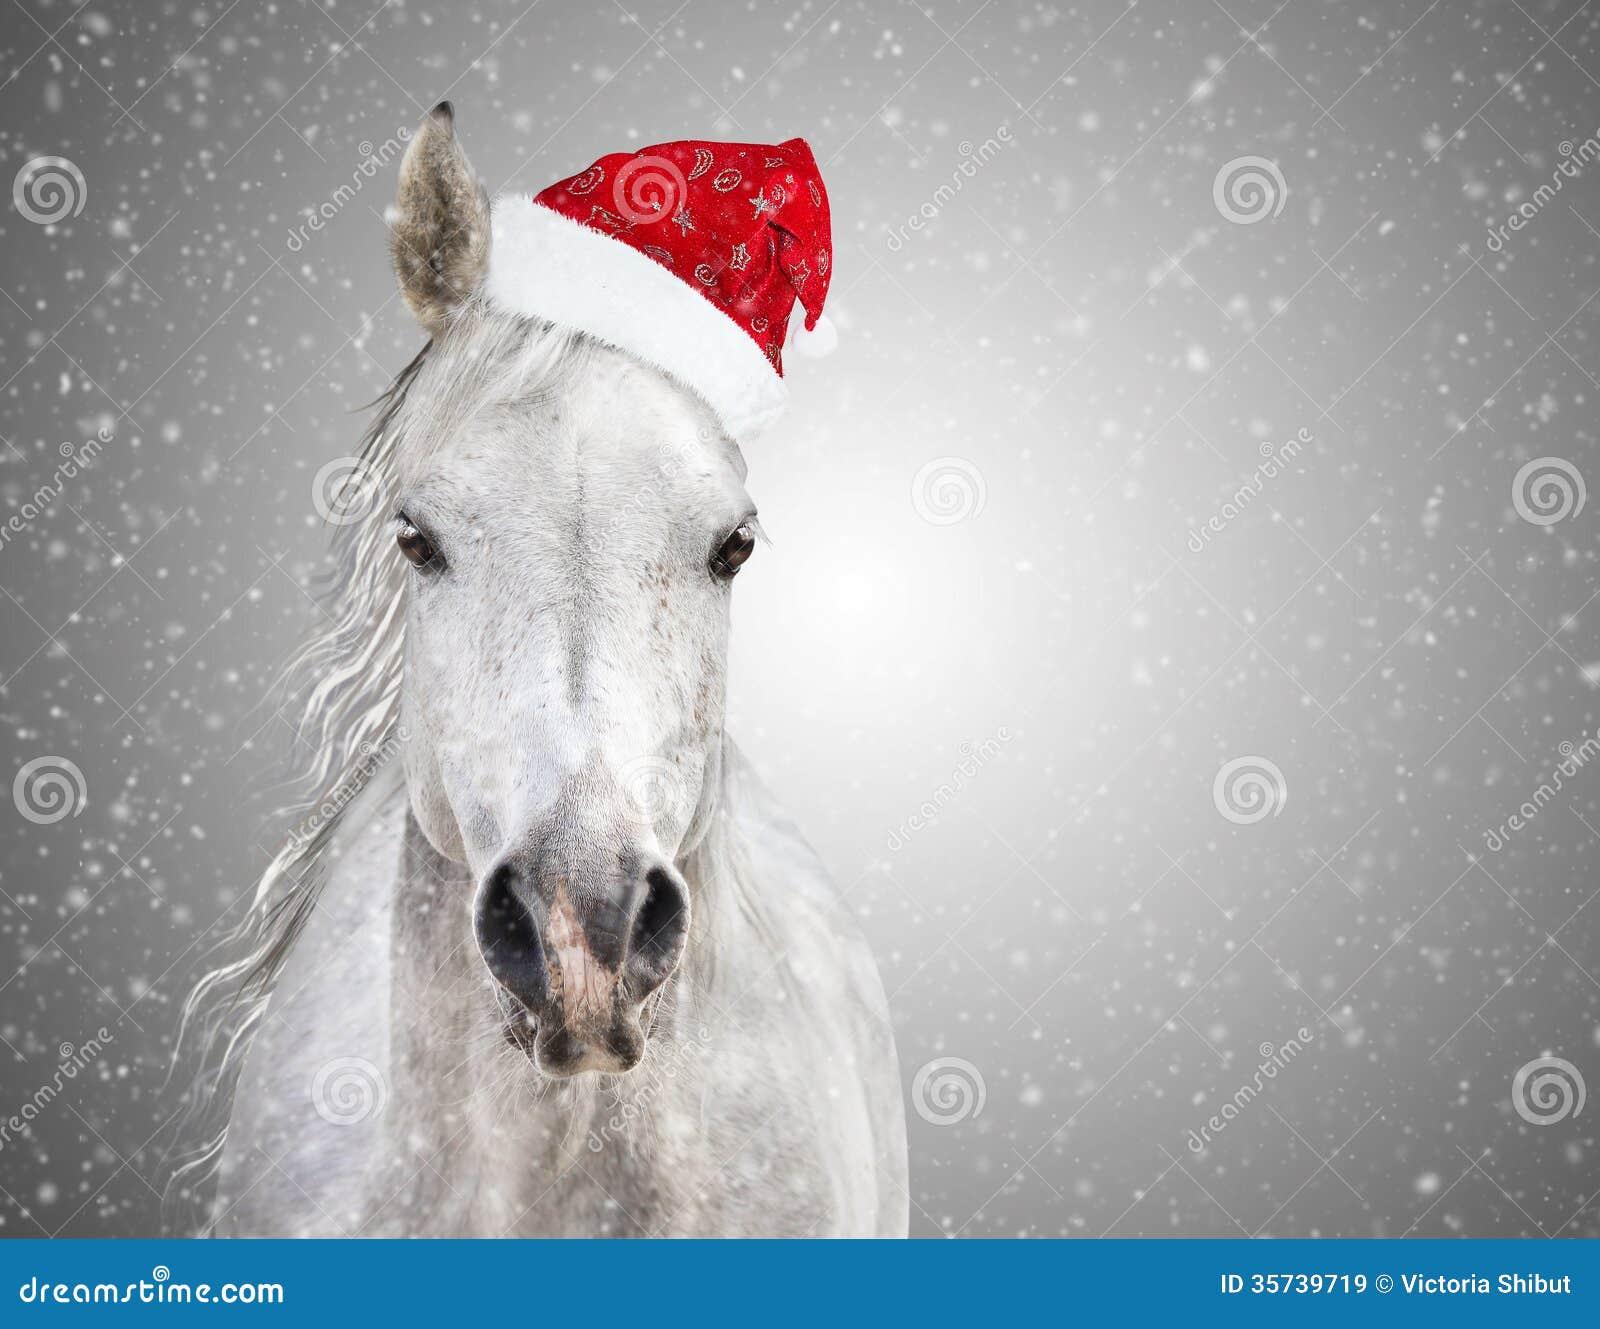 Immagini Di Natale Con Cavalli.Cavallo Di Natale Bianco Con Il Cappello Di Santa Sulle